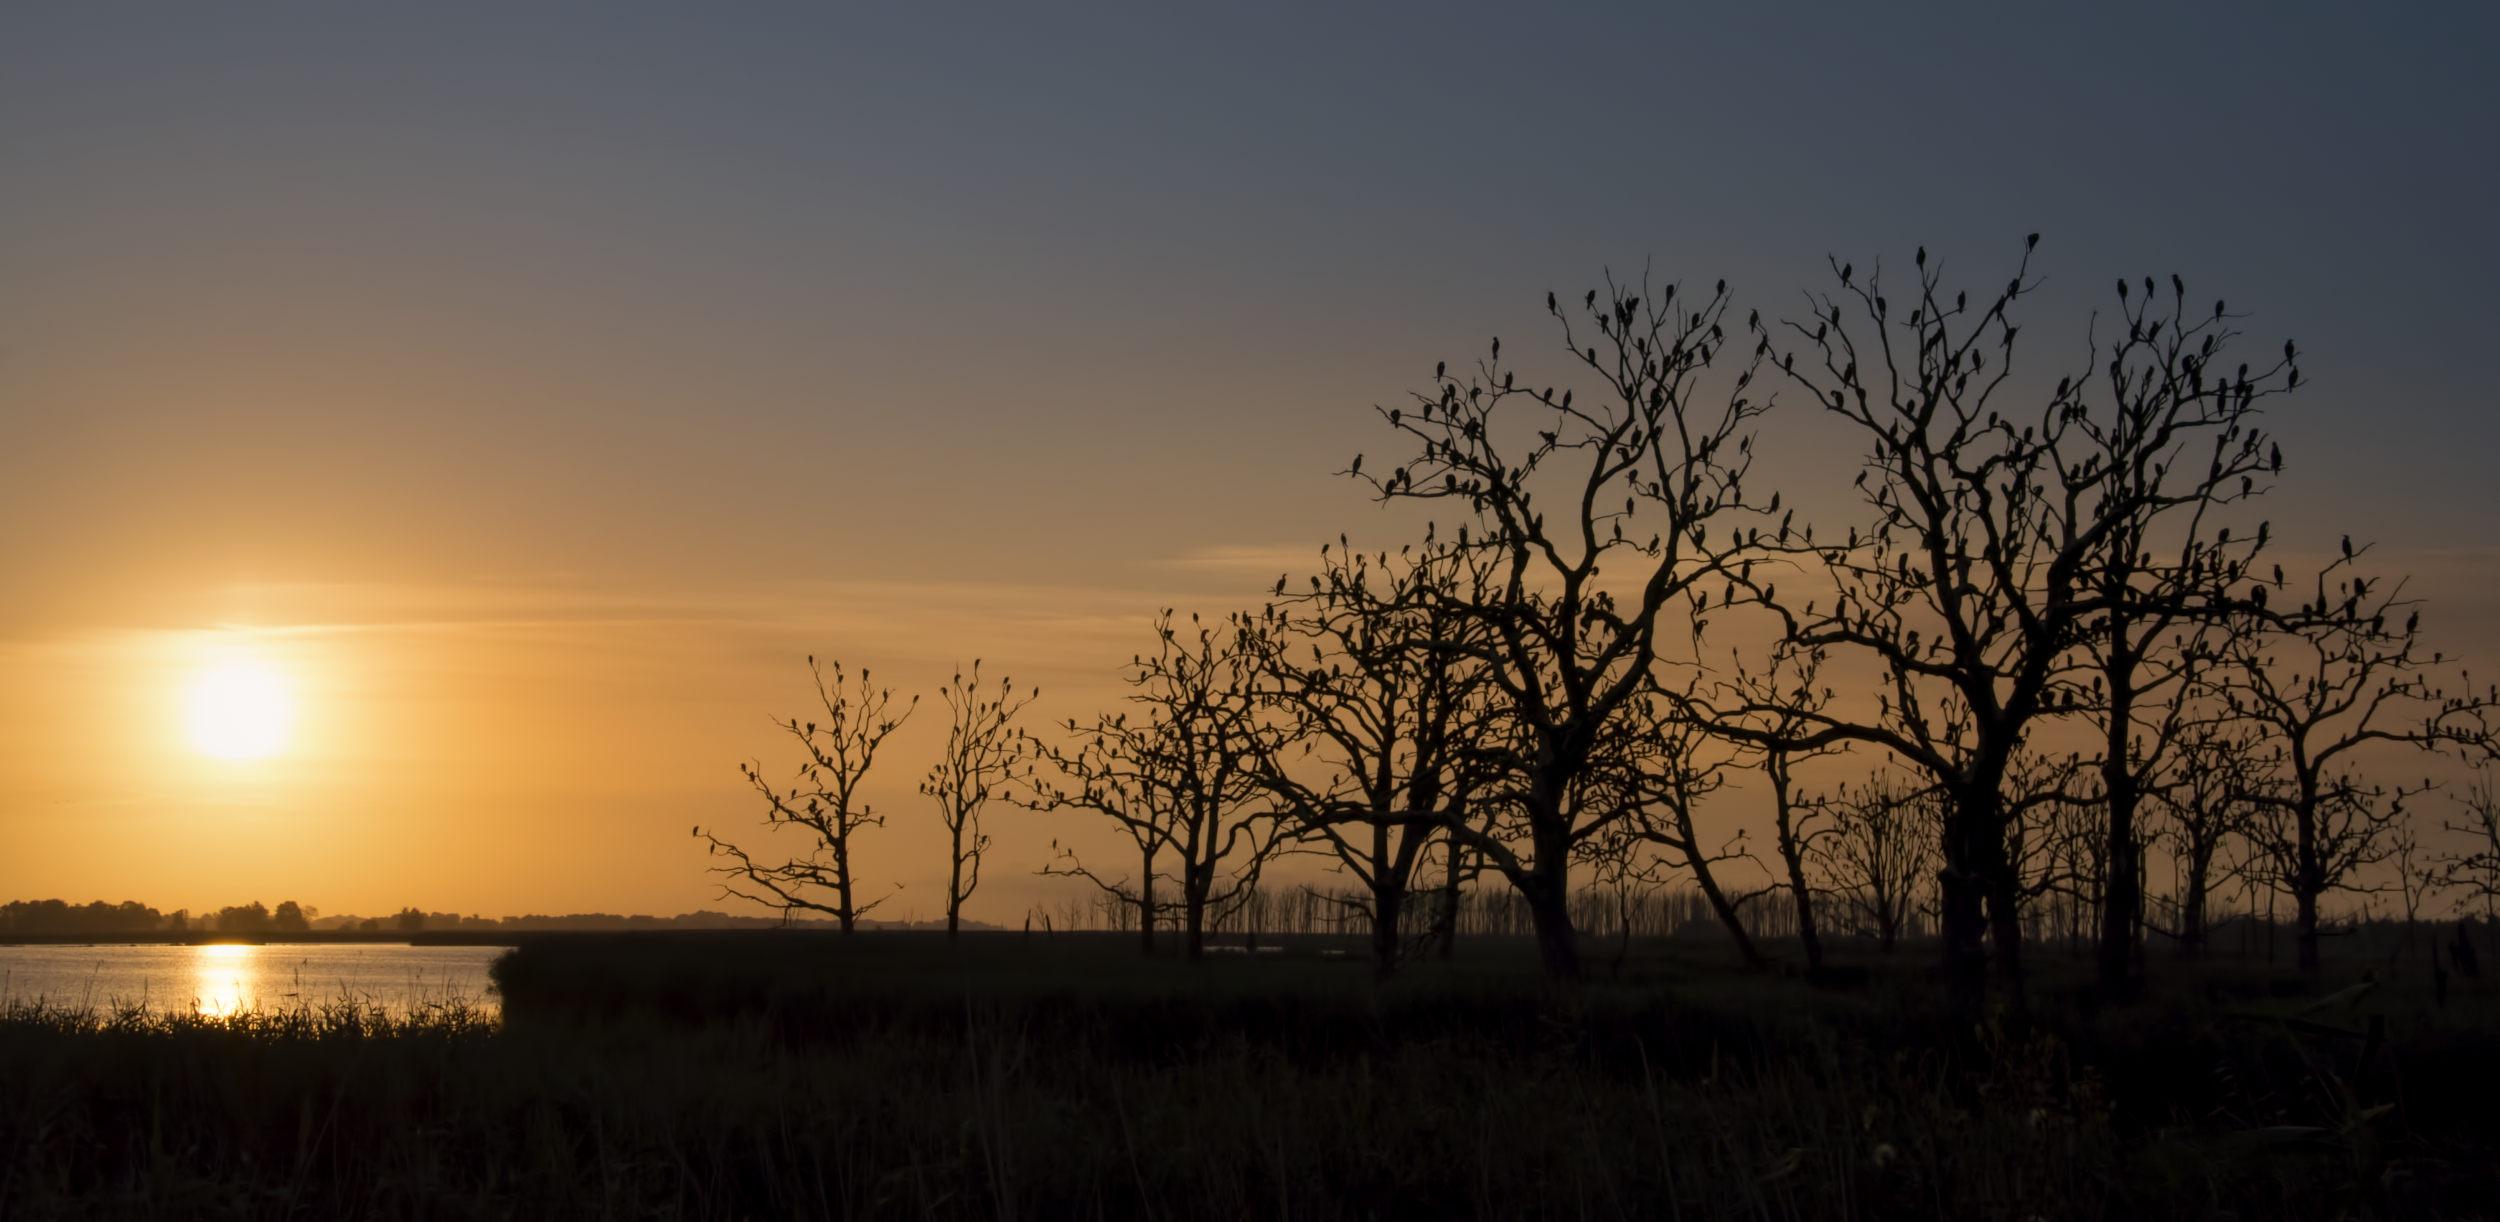 cormorants, cormoran, trees, dead forest, dark, sunset, sunrise